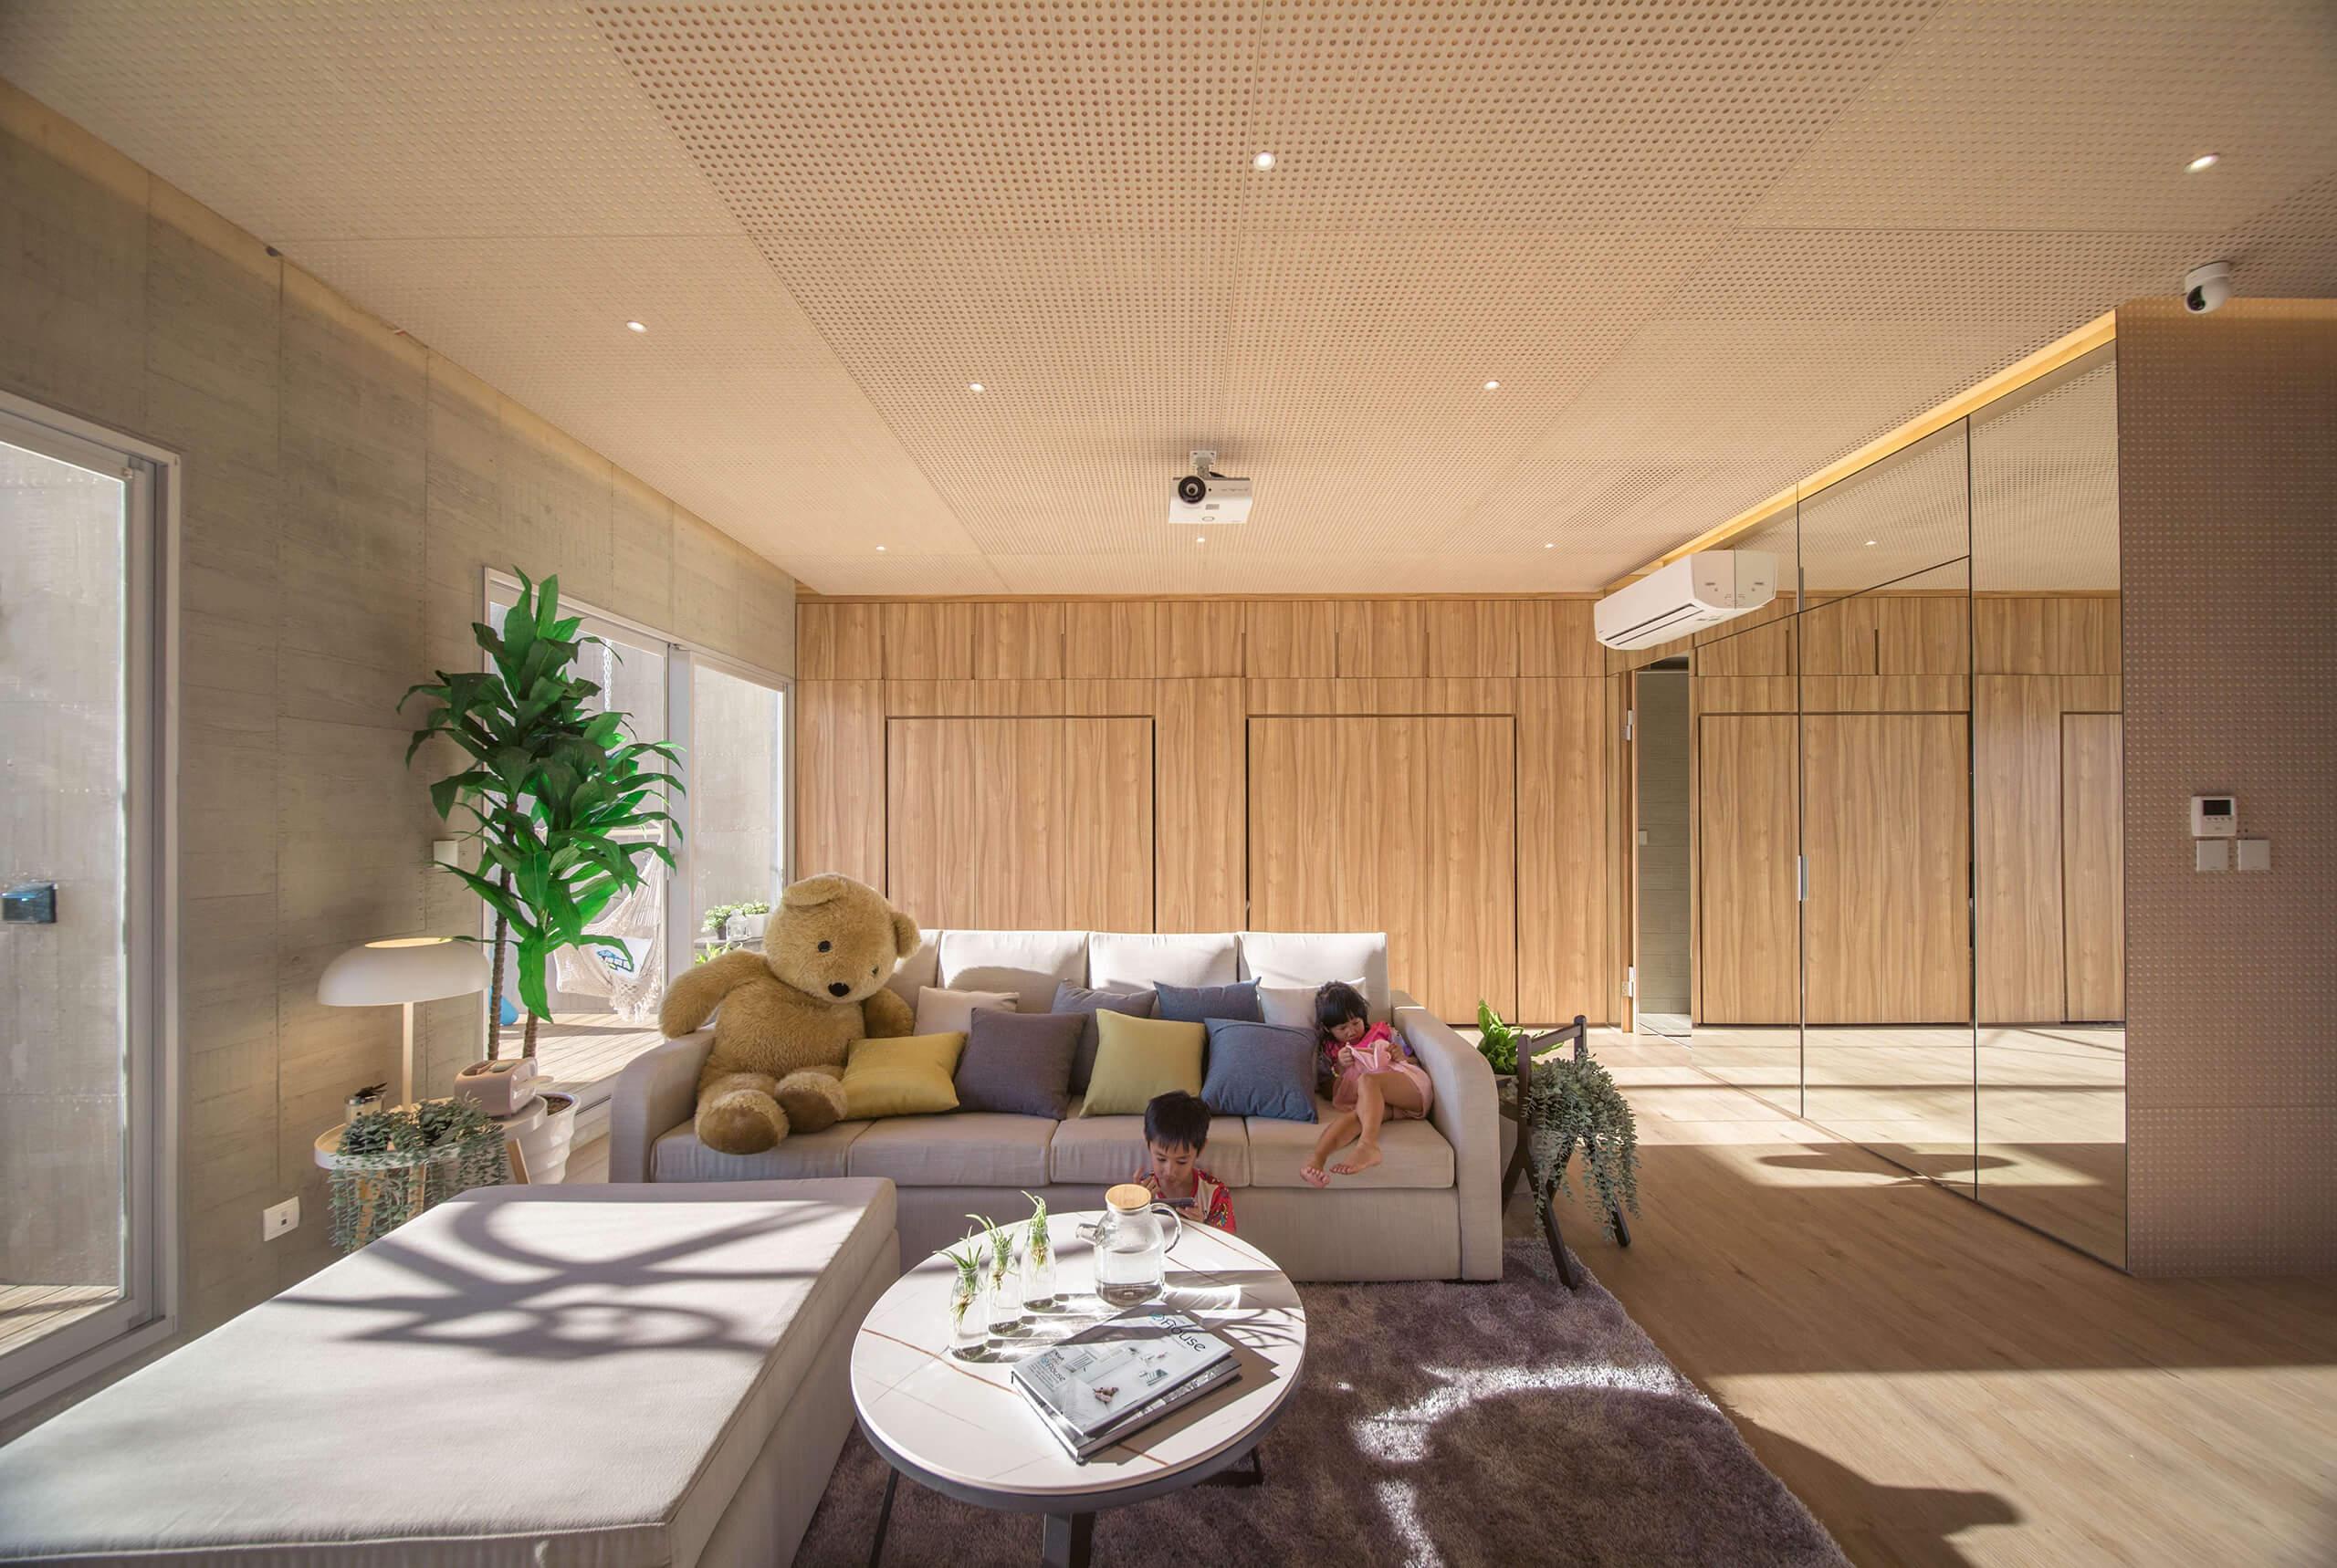 德築-DEZU-project-Zutian-architecture-real-estate-engineering-1